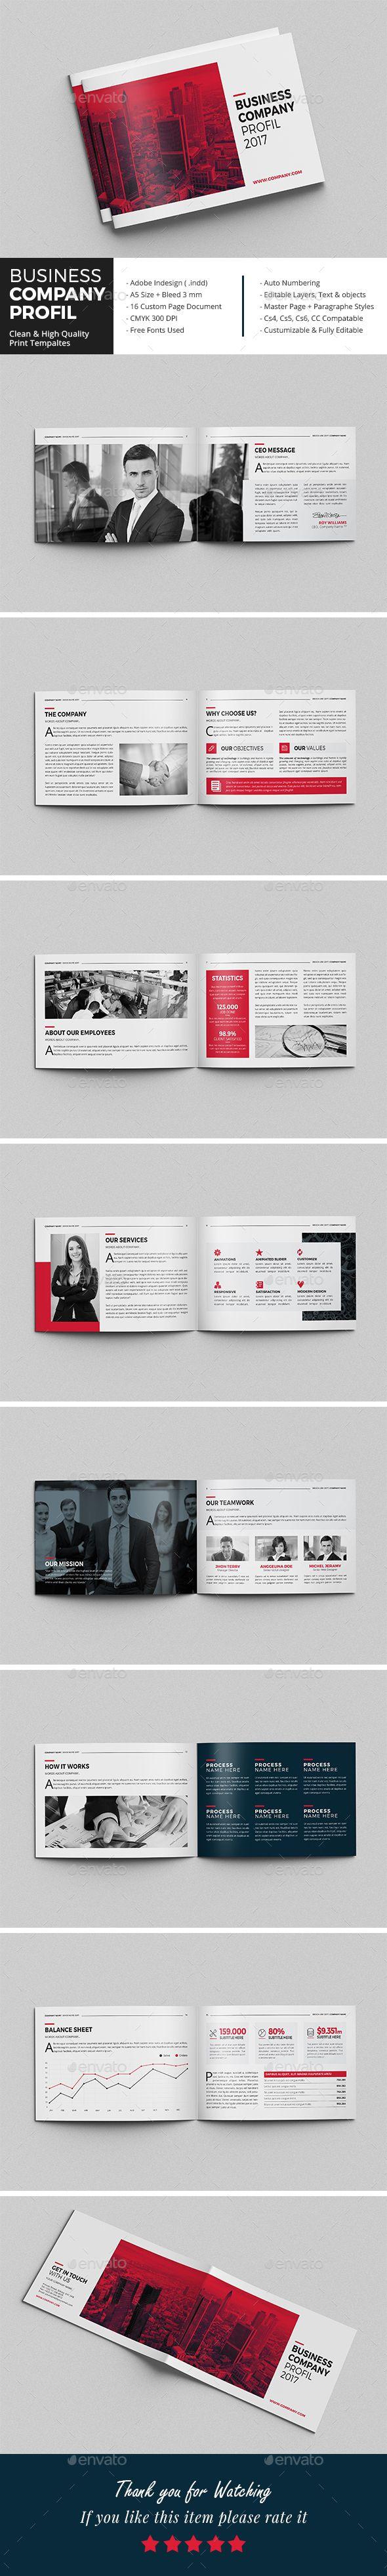 Business Company Profil | Diseño editorial y Editorial